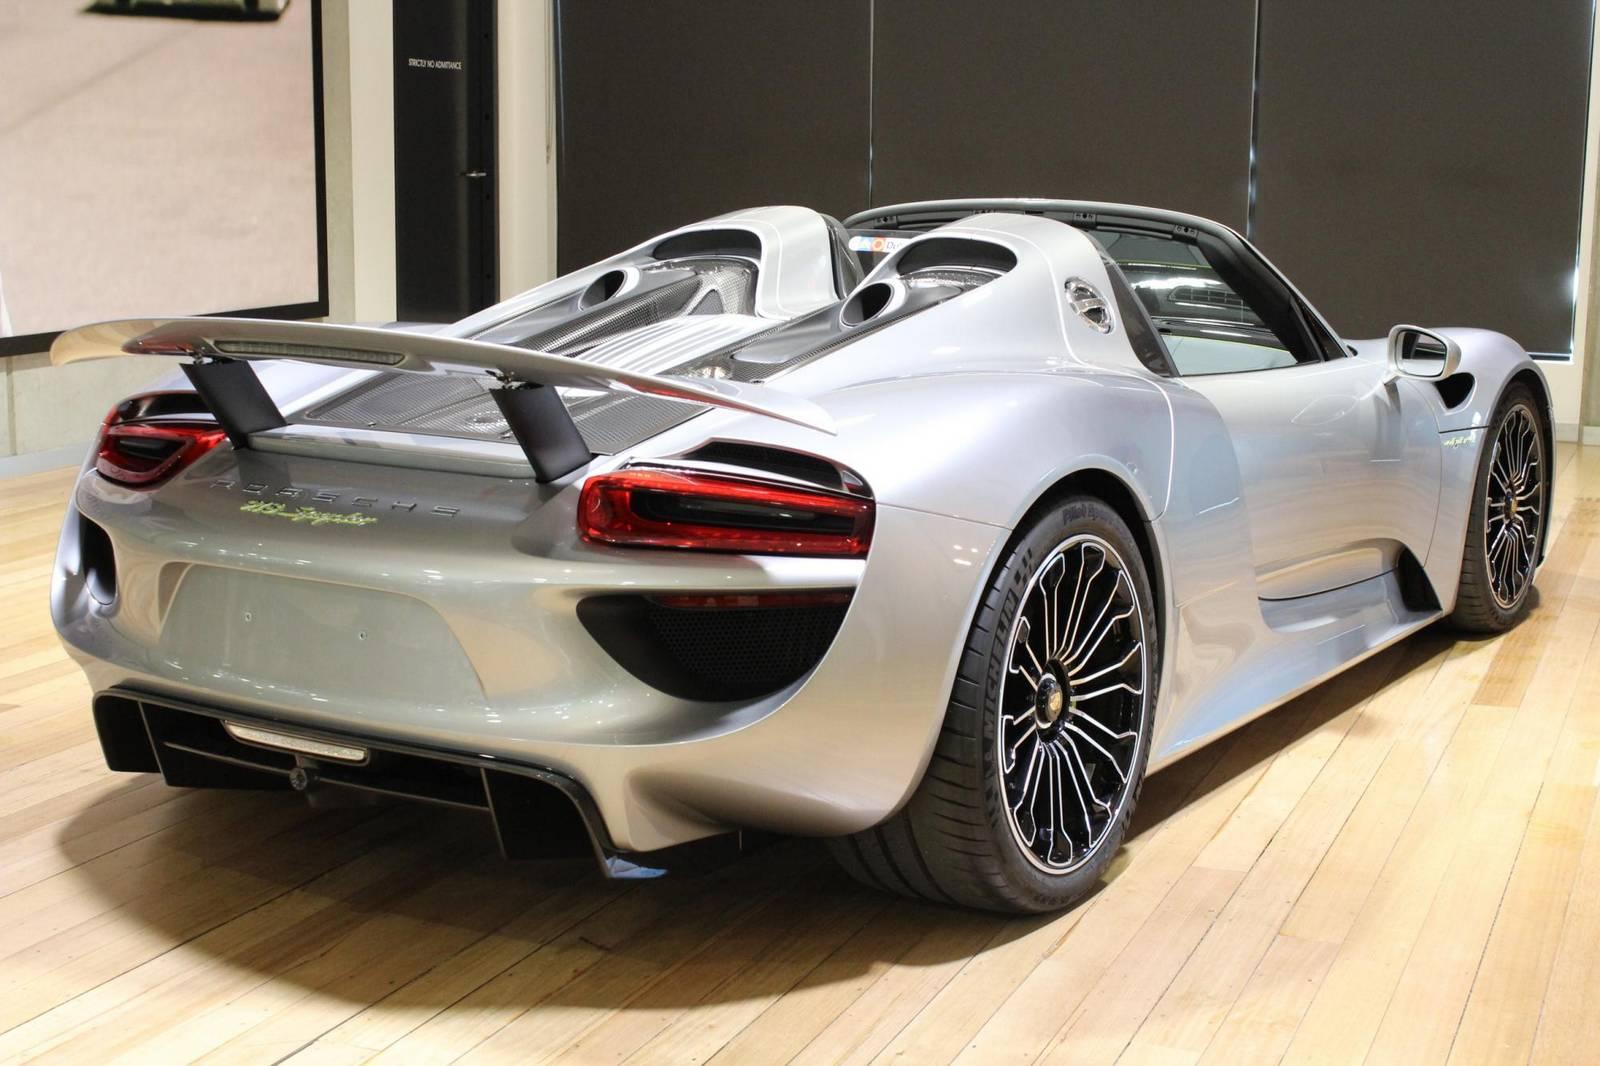 Porsche 918 Spyder For Sale >> Silver Porsche 918 Spyder For Sale in Australia - GTspirit